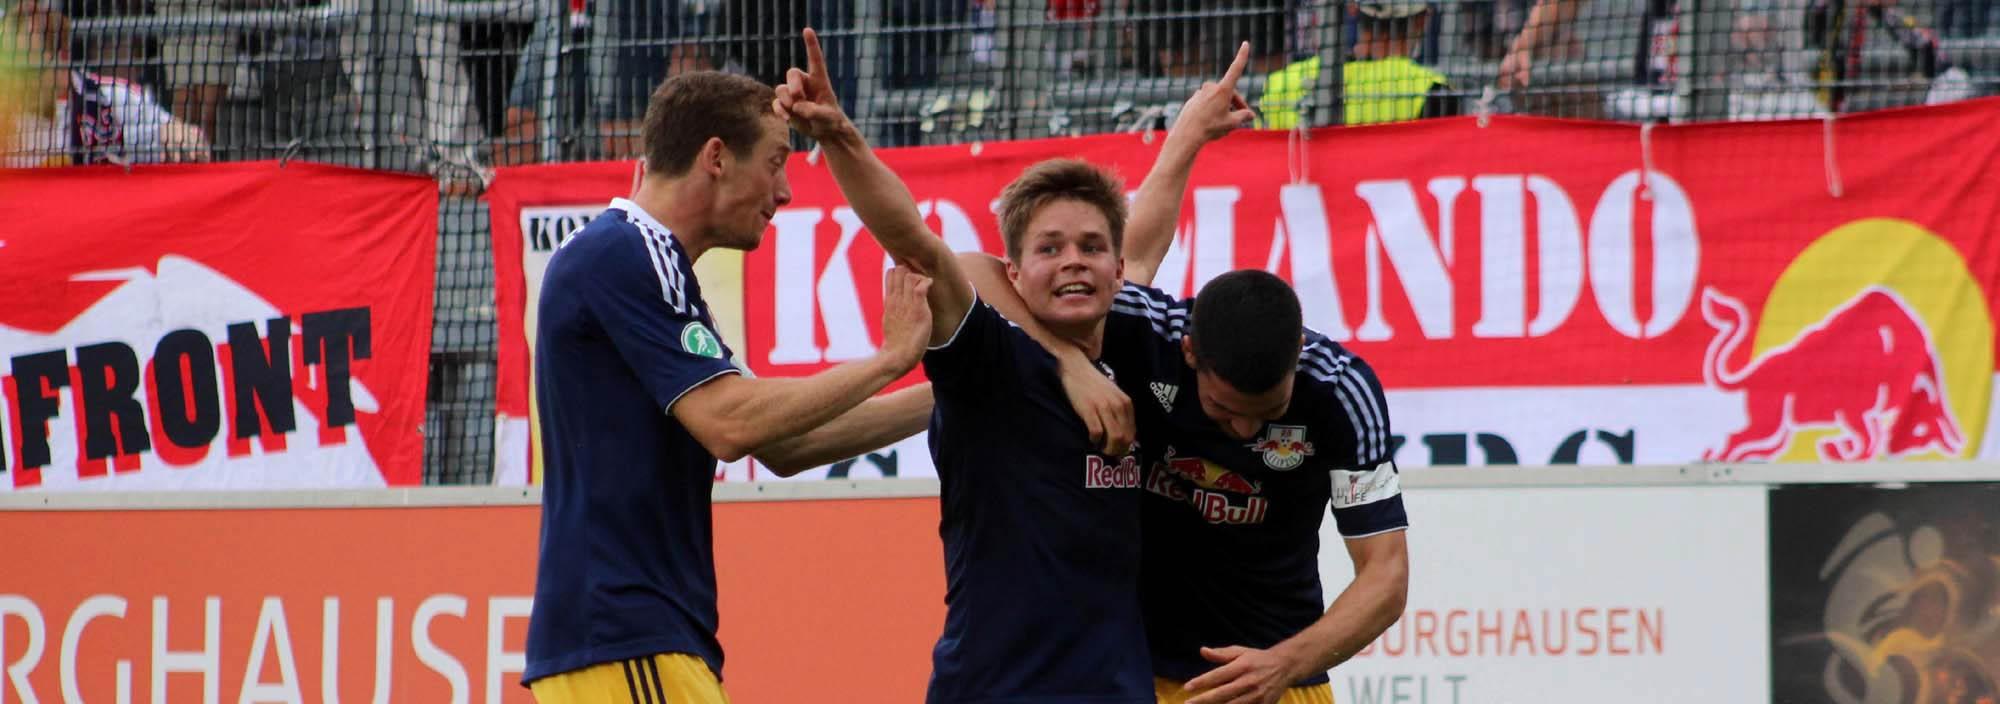 3.Spieltag_Wacker Burghausen - RB Leipzig